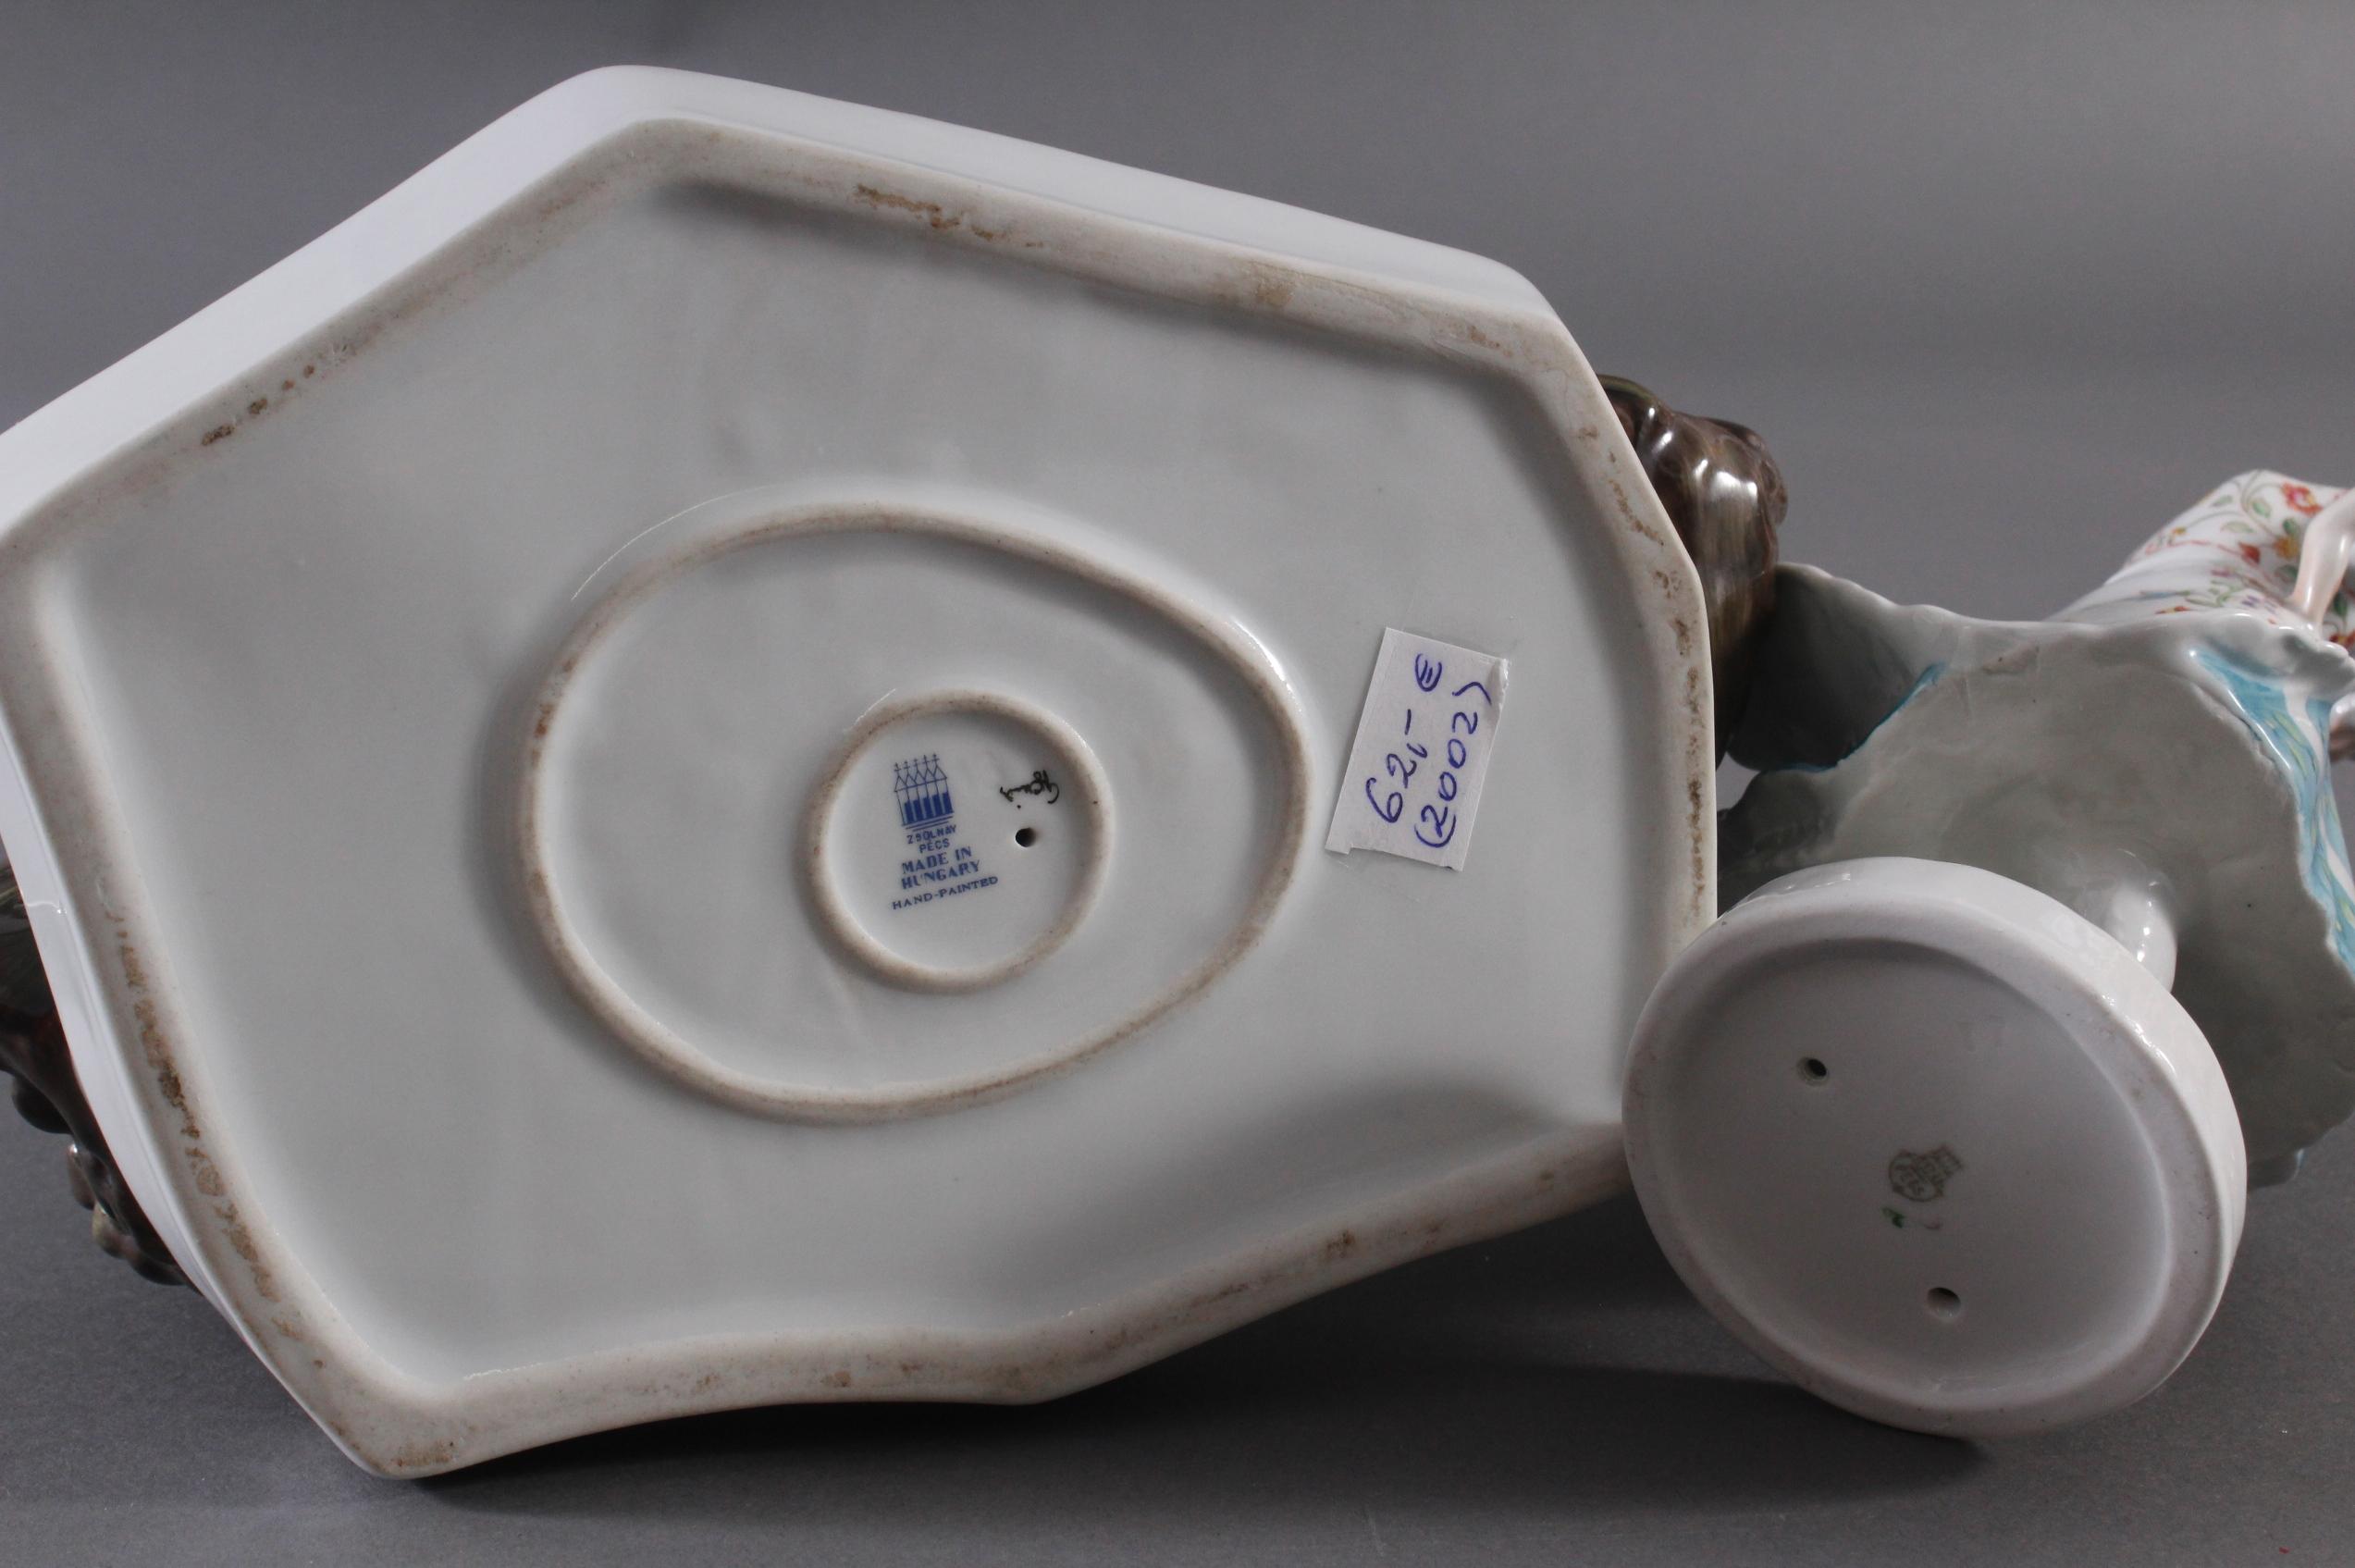 Porzellanfigur, Ungarn, 'Tänzerin in Trachten' und 'Bäuerin auf Reisigbündel sitzend'-4